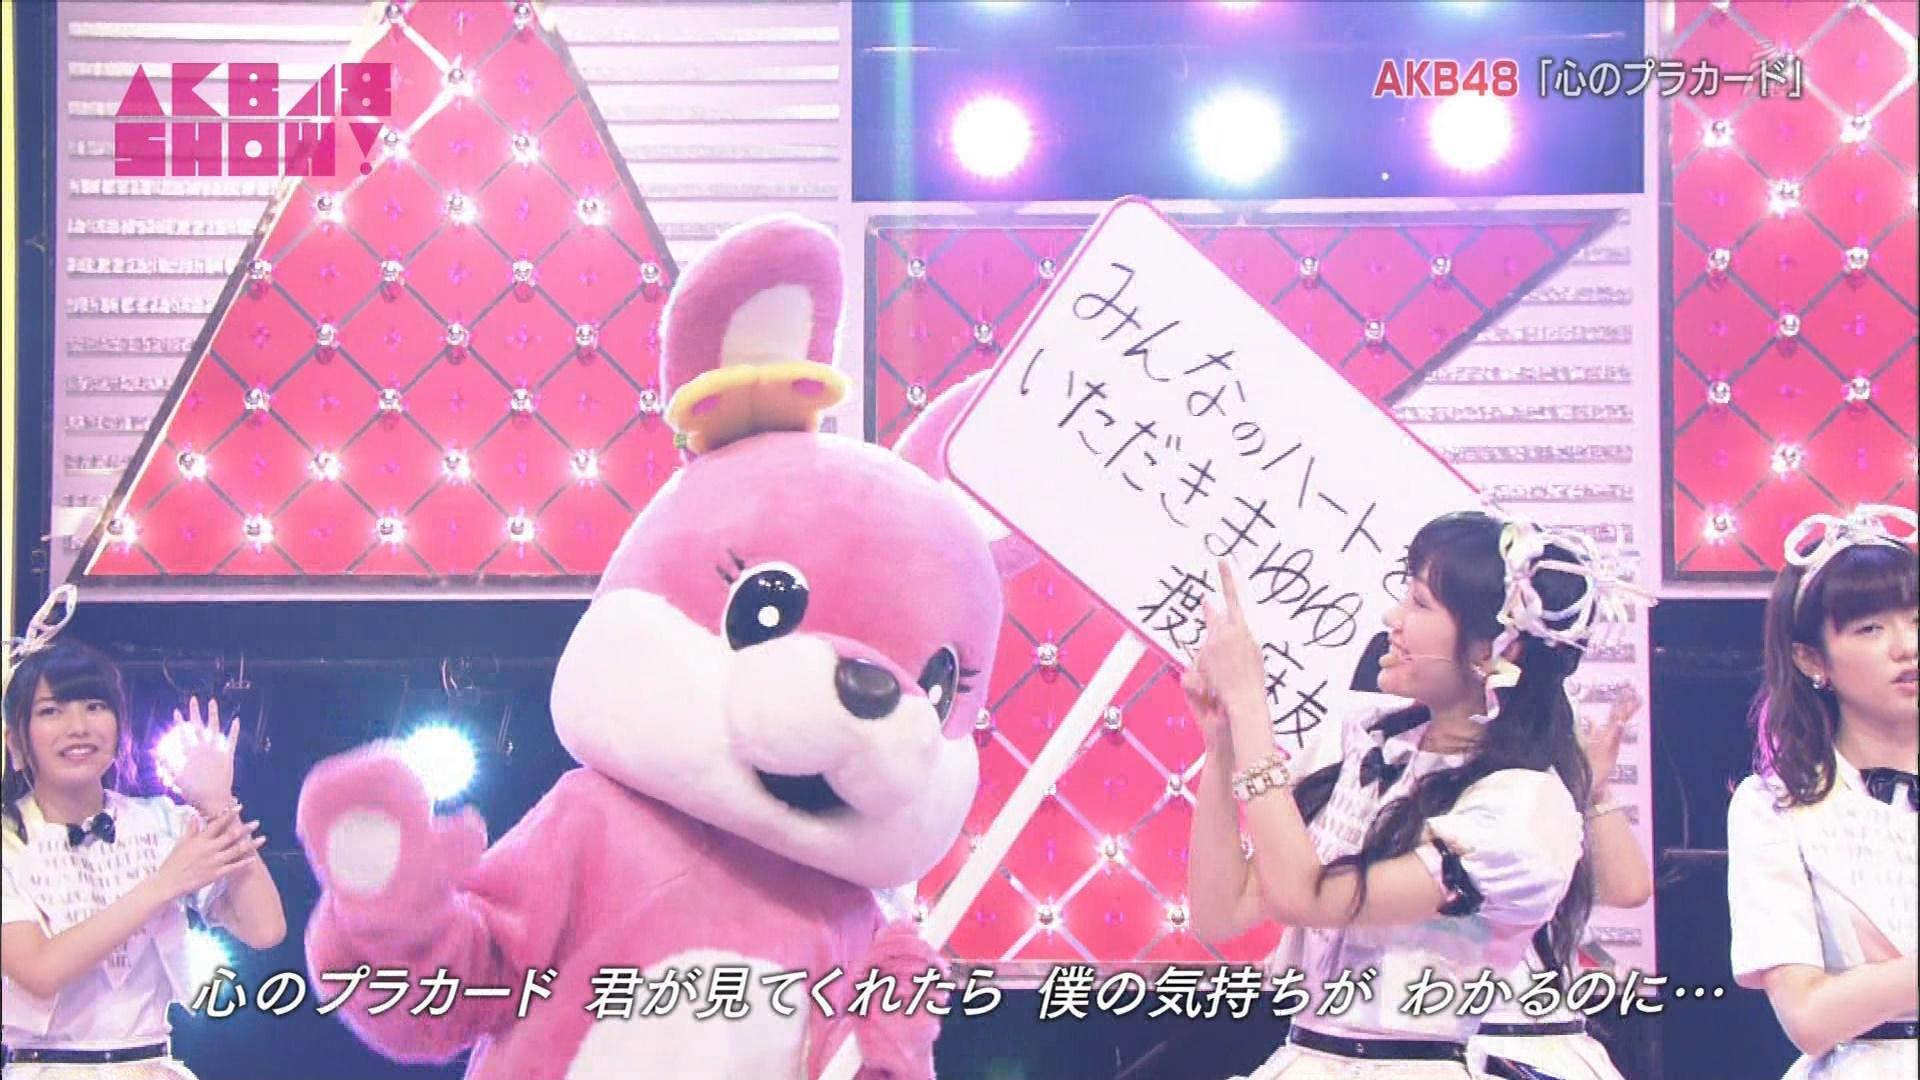 AKB48SHOW 心のプラカード 渡辺麻友 20140830 (10)